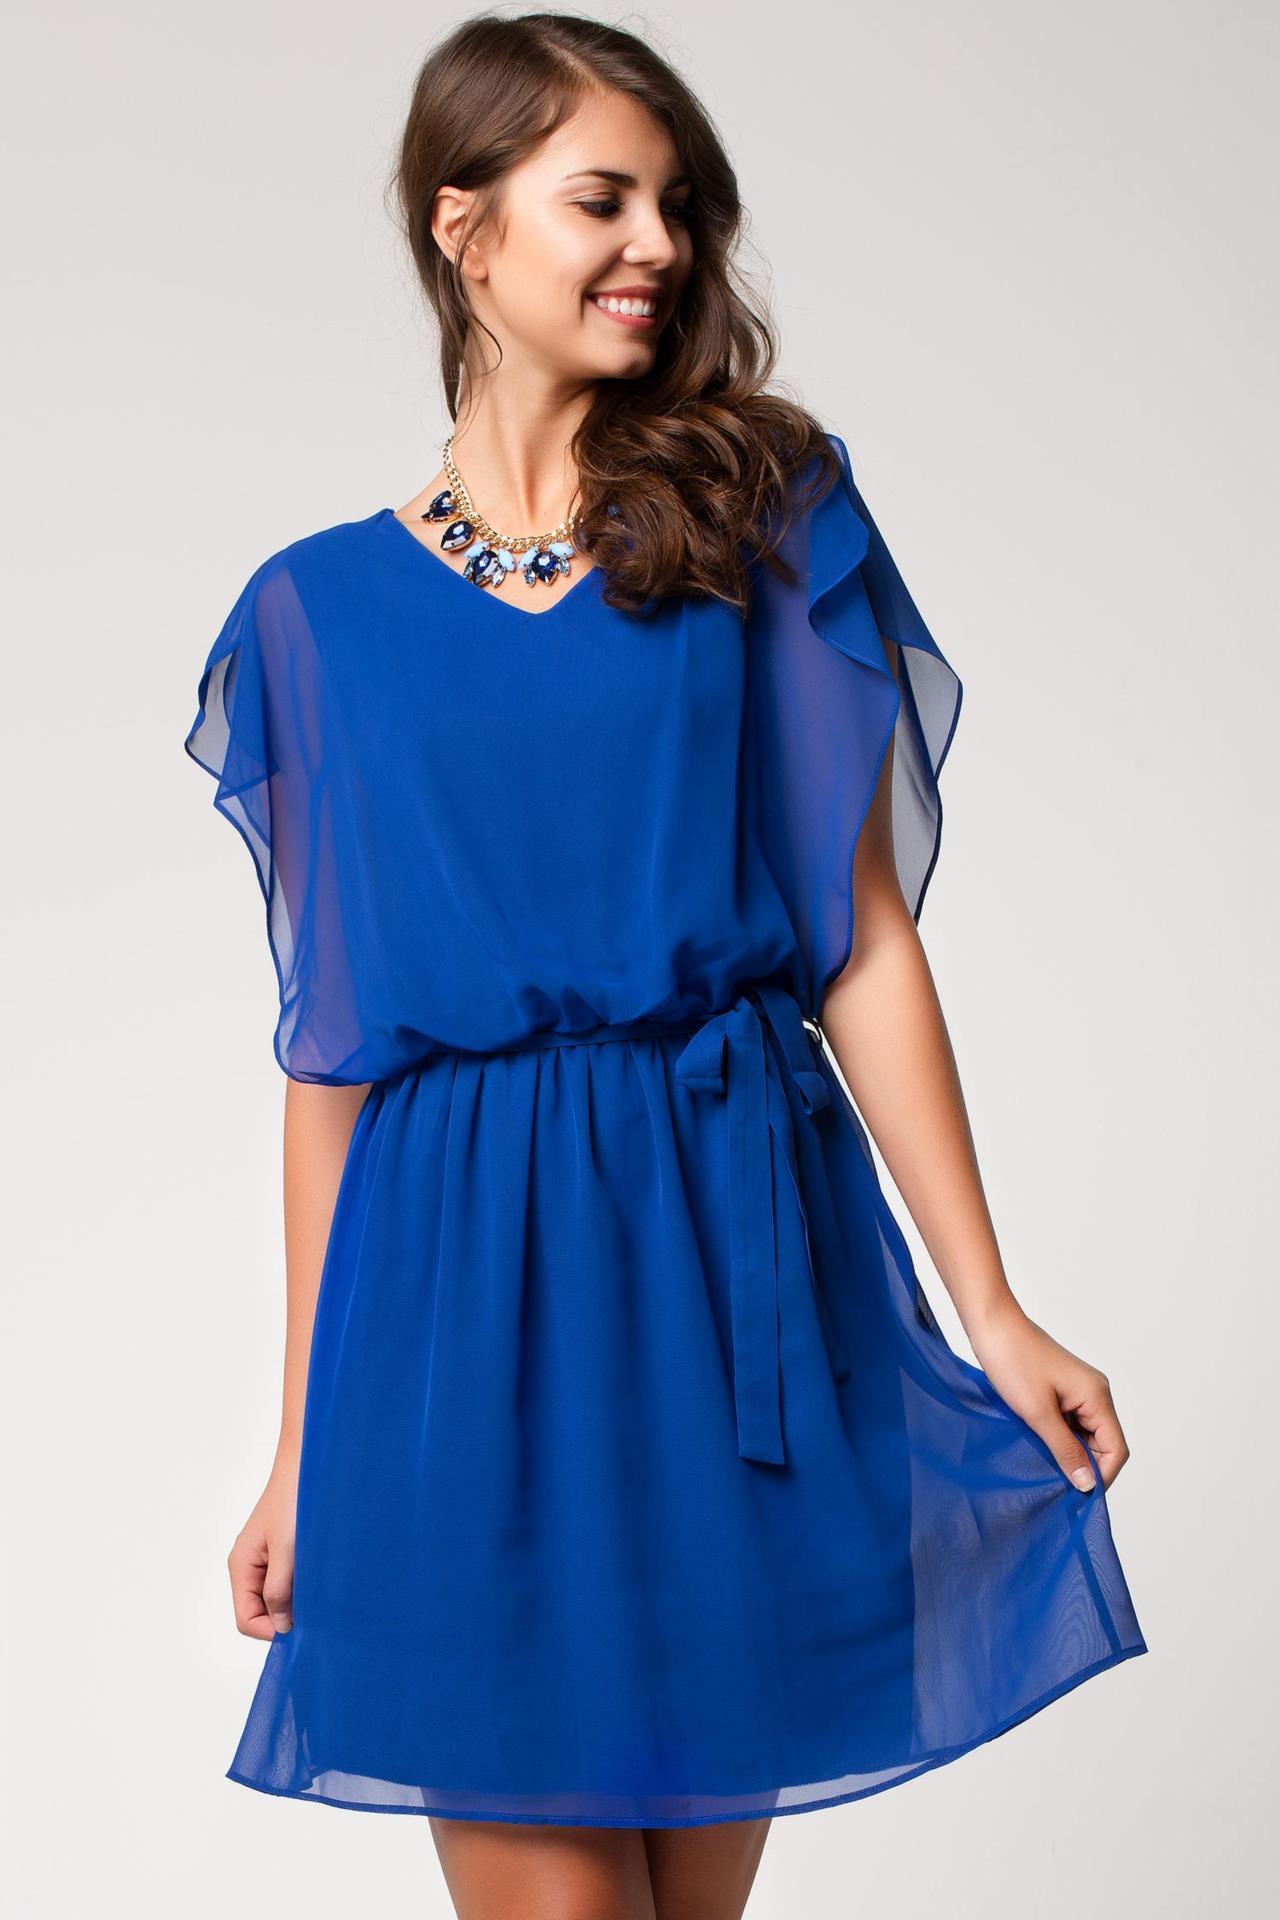 561fc733d86a4 Mavi Renkli Şifon Detaylı DeFacto Elbise Modeli »